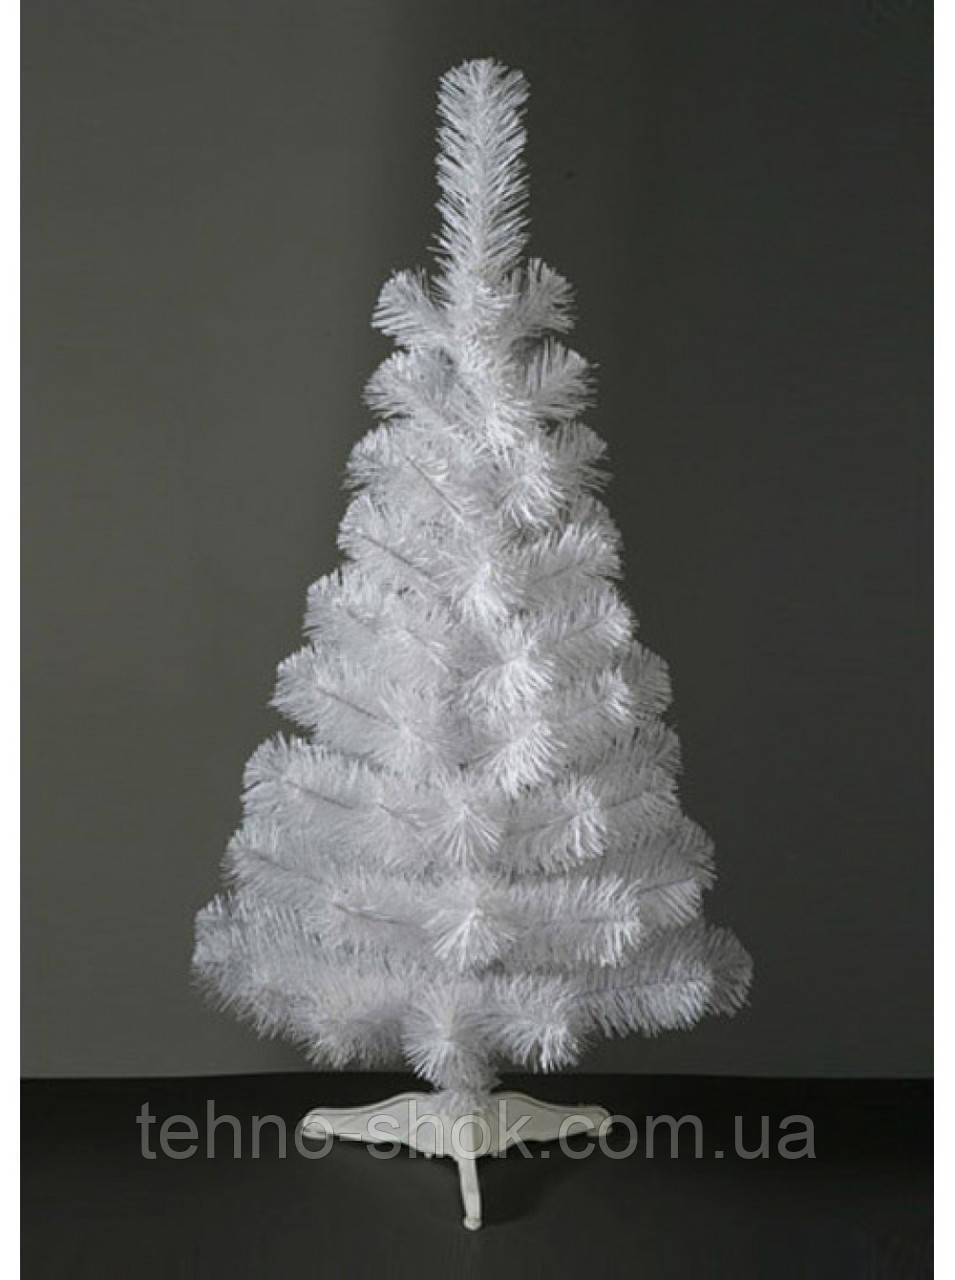 Ель белая искусственная Сказка ПВХ 1.8м (ЯШК-Б-1.8)